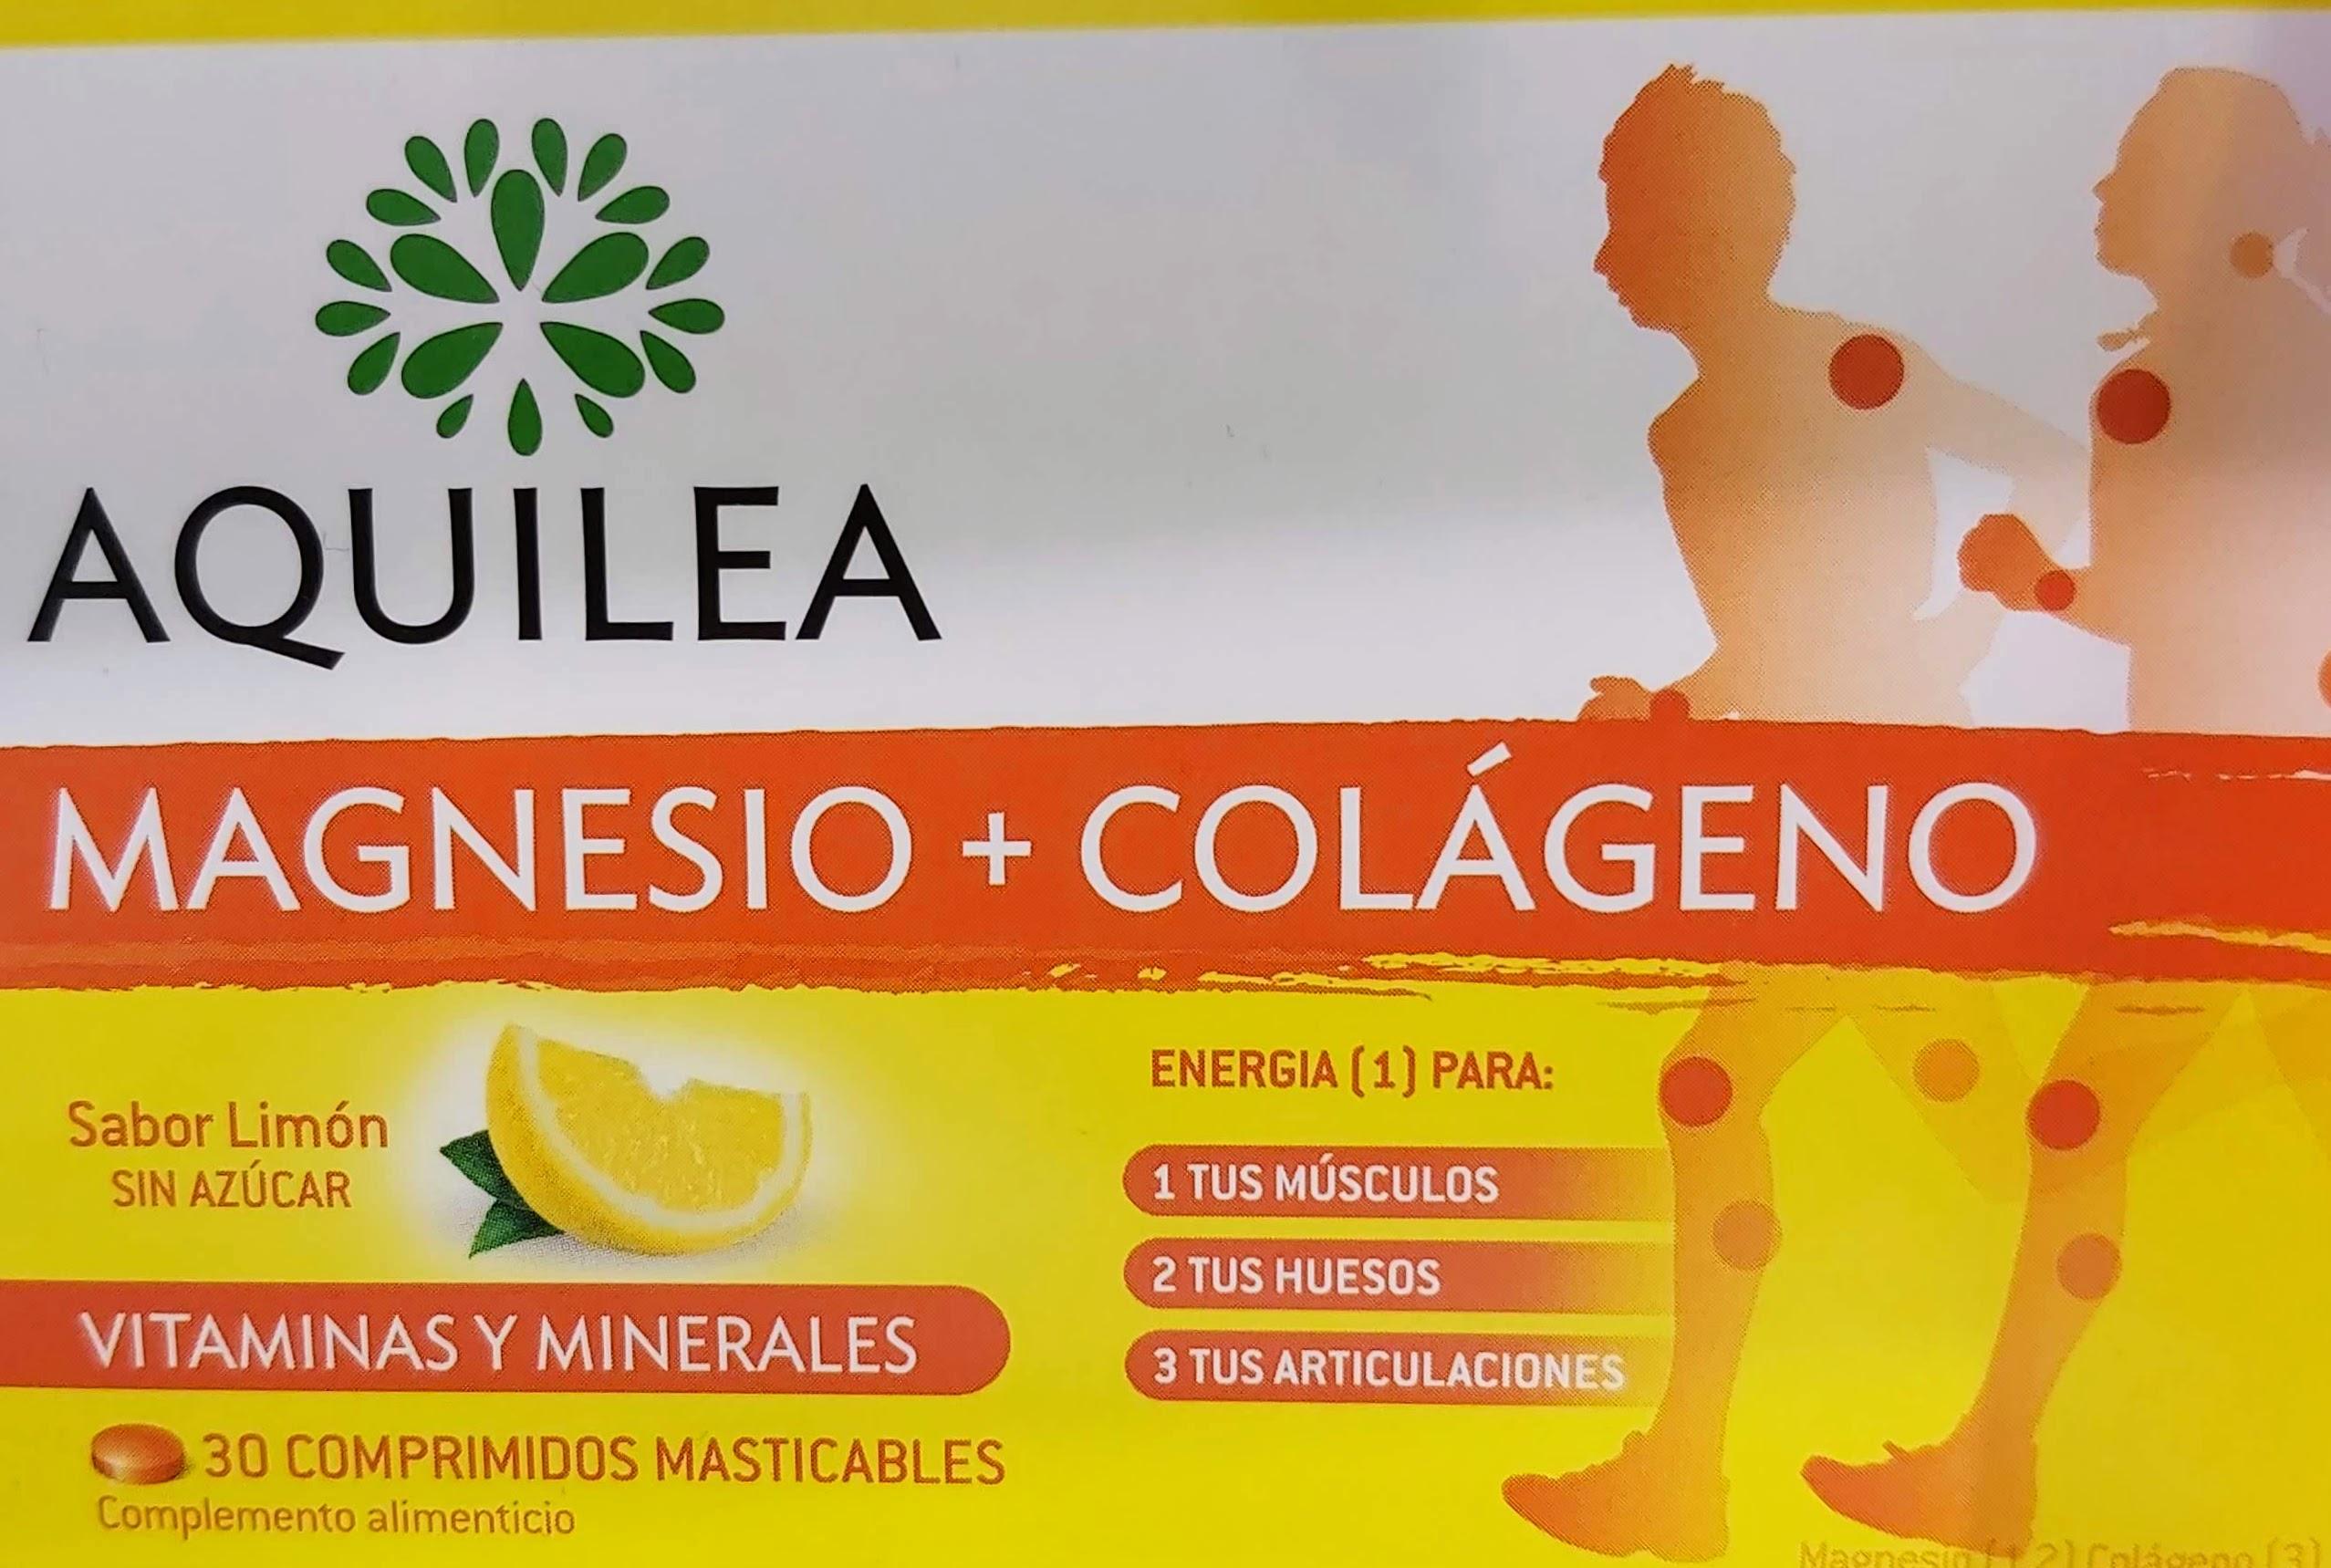 Comprar Aquilea Magnesio + Colágeno en Gran Farmacia Andorra energía masticable para tus músculos y articulaciones sabor limón